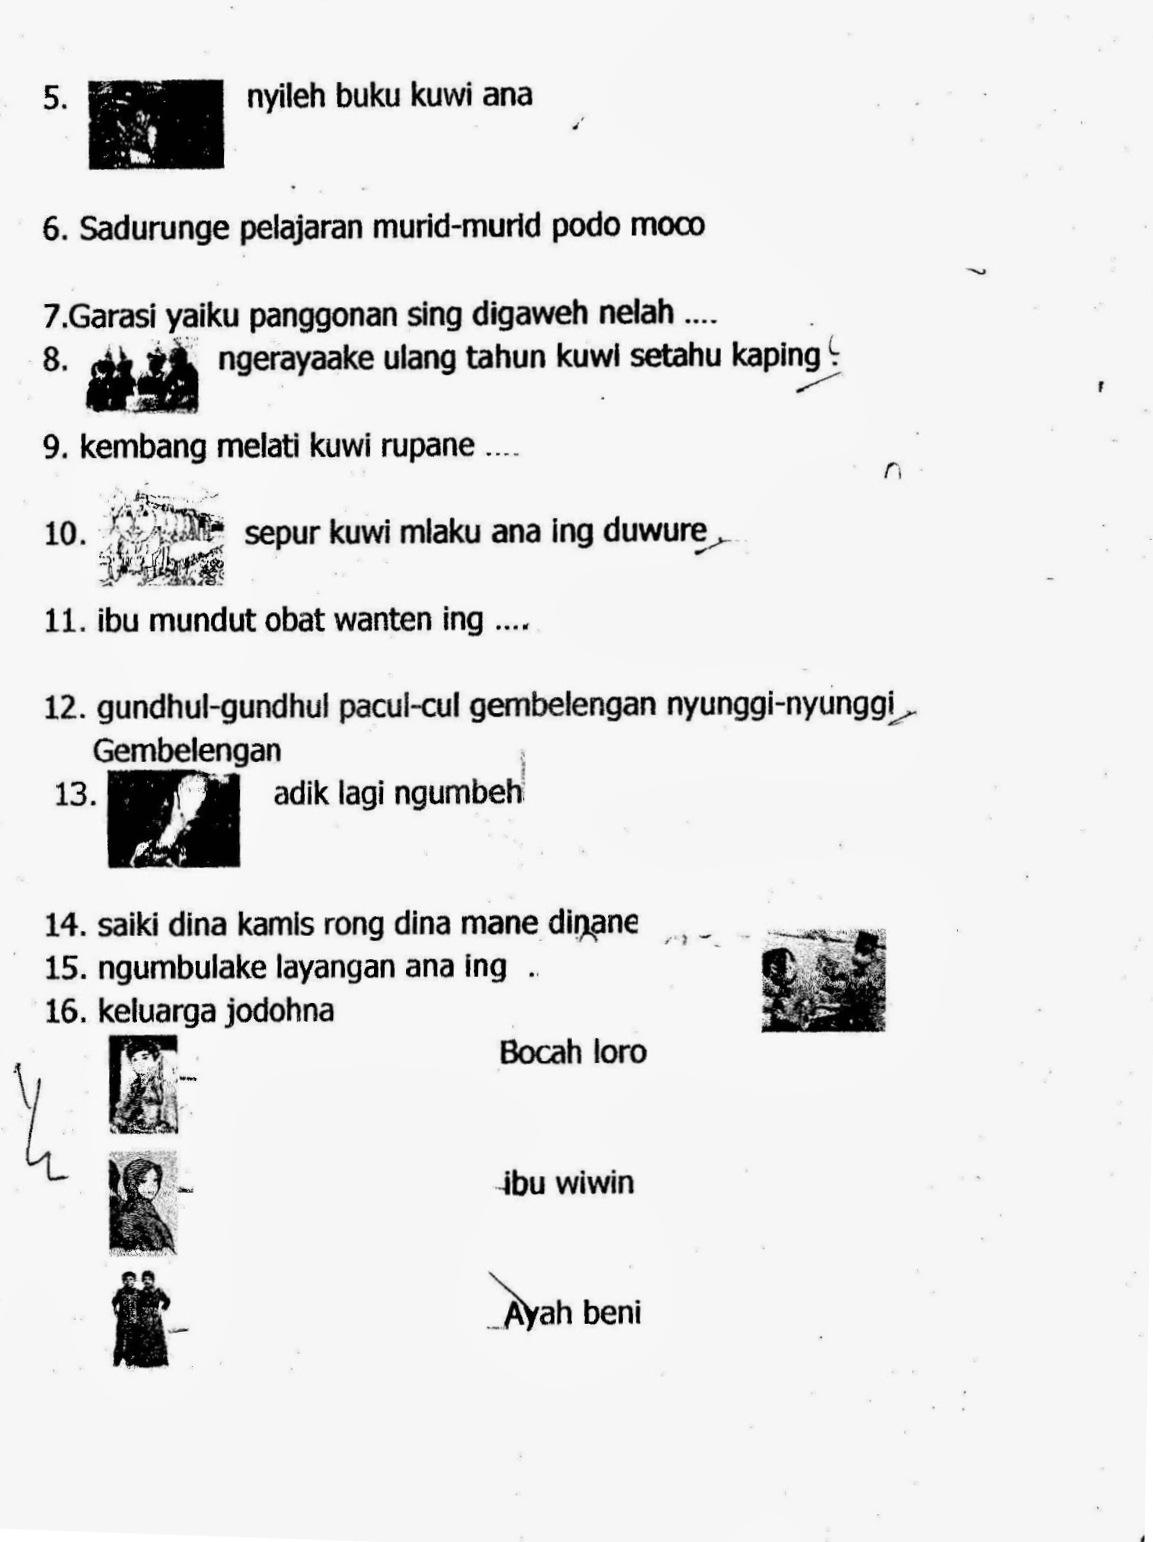 Soal Uas Bahasa Jawa Kelas 1 Semester 1 Kurikulum 2013